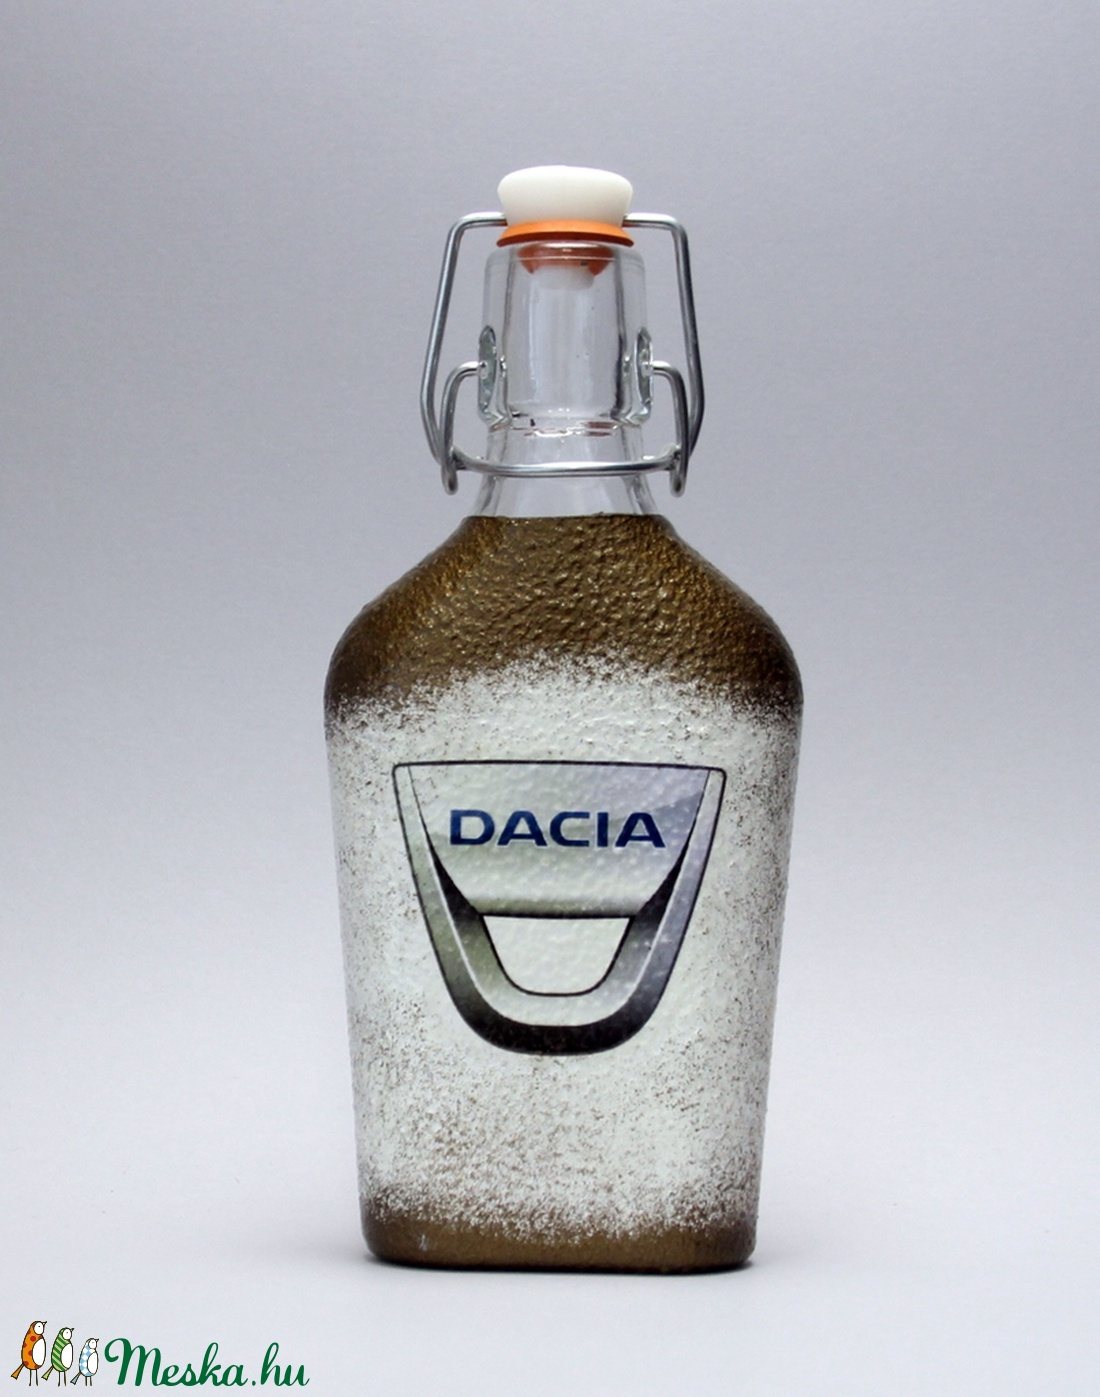 Dacia emblémával díszített csatos italos üveg(0,2l)ideális ajándék a márka szerelmeseinek - férjeknek -barátoknak  (decorfantasy) - Meska.hu